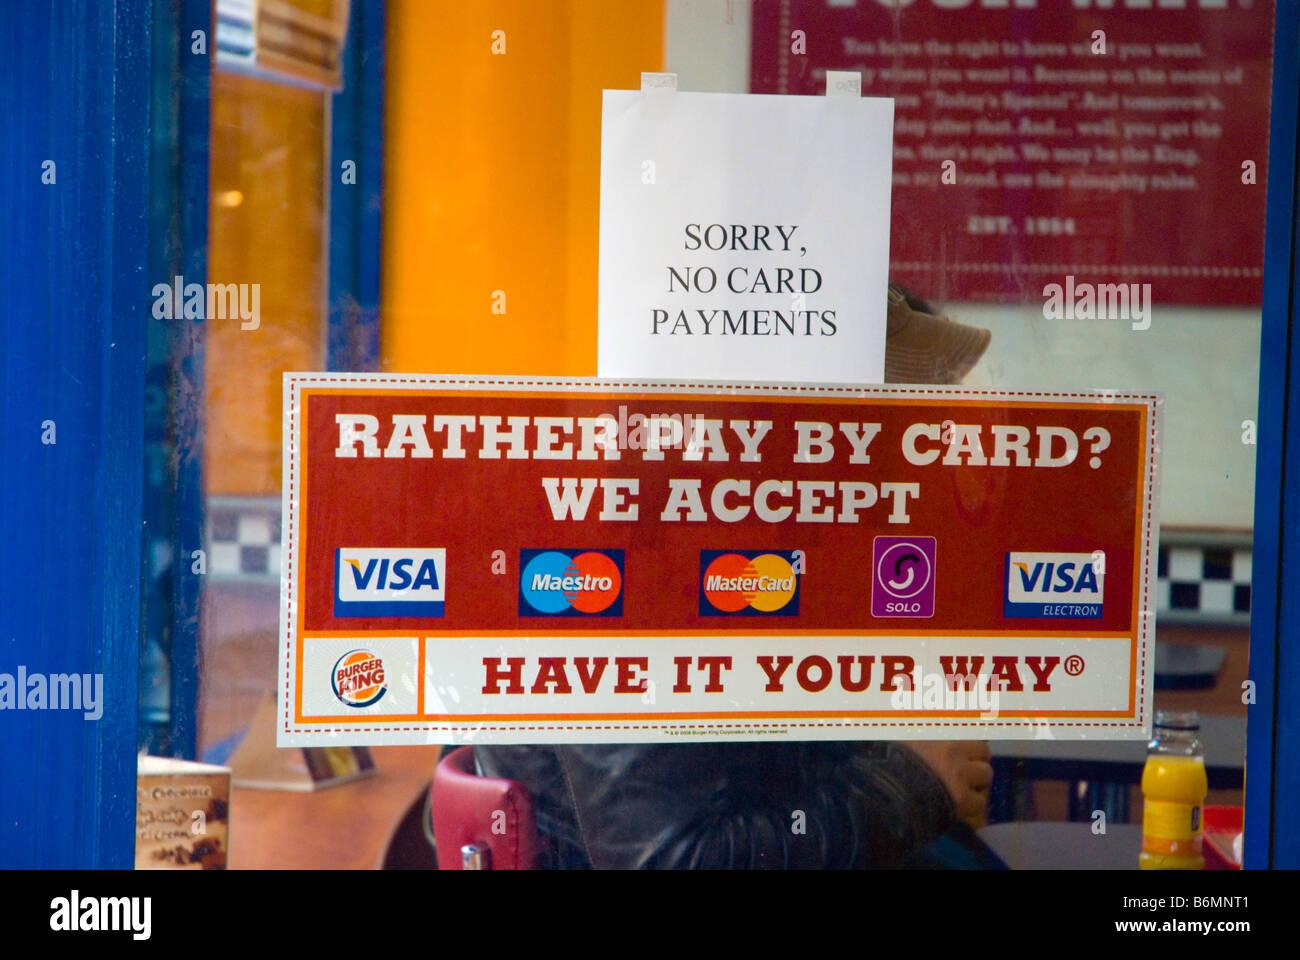 Carte Visa Angleterre.Les Paiements Par Carte De Credit Acceptes Et Non Acceptes Au Burger